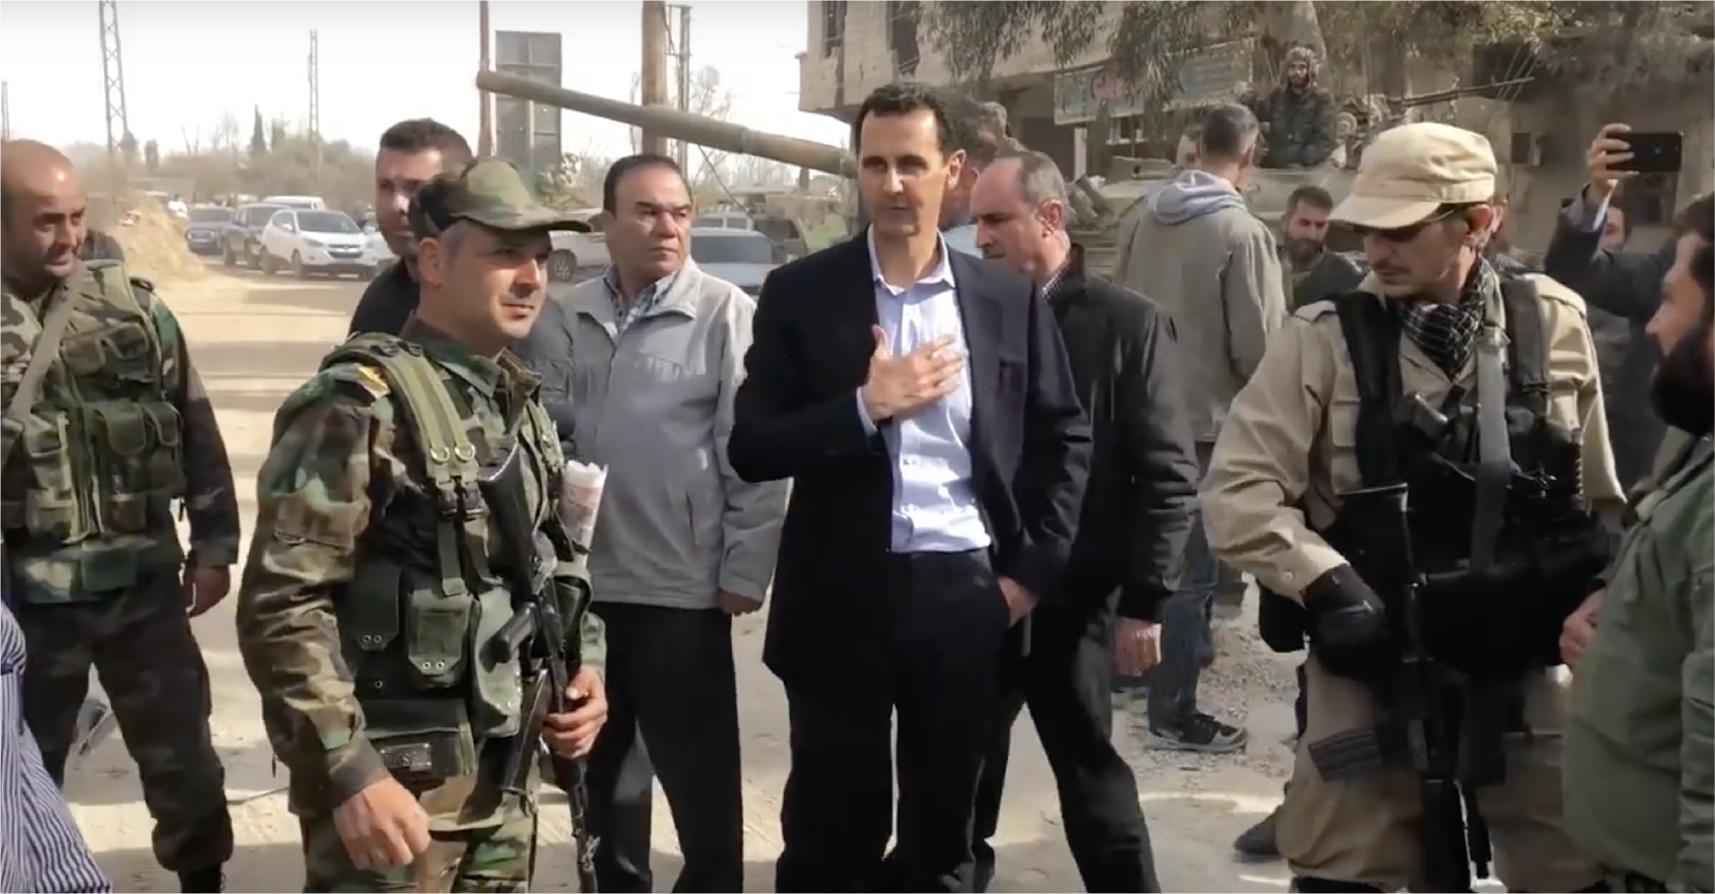 صورة الأسد يزور الغوطة للاطمئنان على أهلها بعد سماعه معلومات عن فقدانهم الكثير من أقاربهم